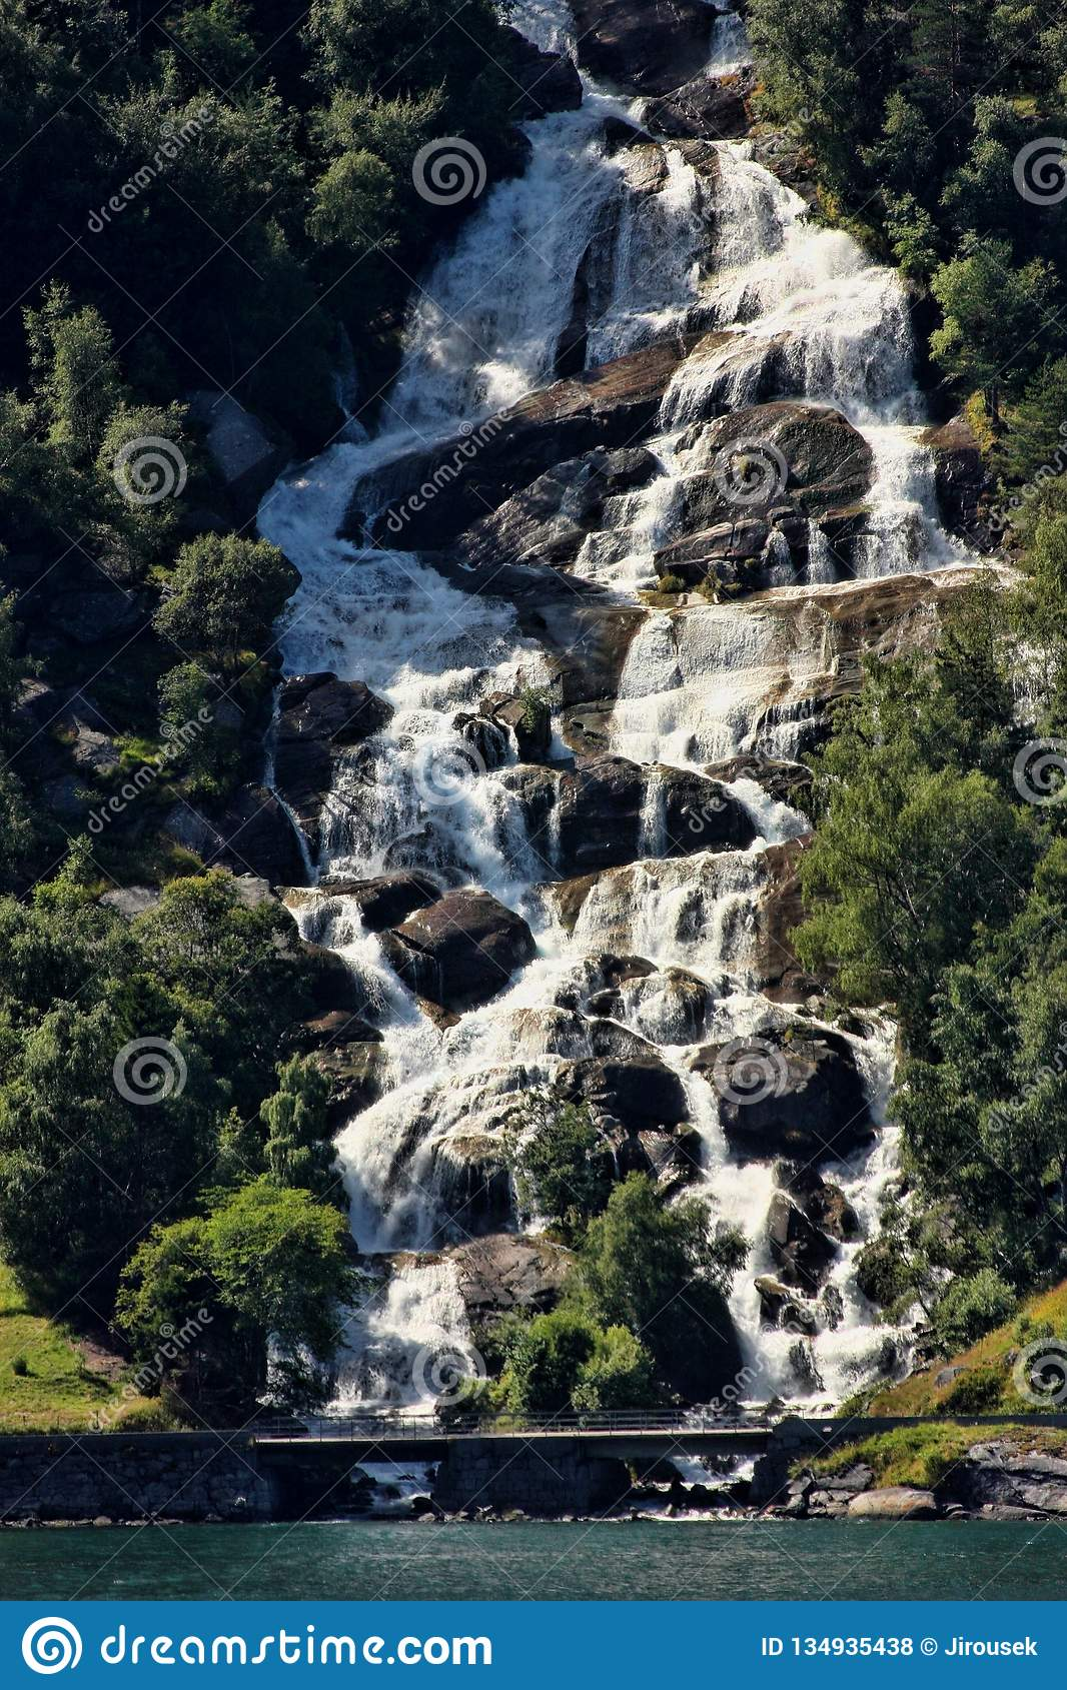 Сотни красивых водопадов в Скандинавии